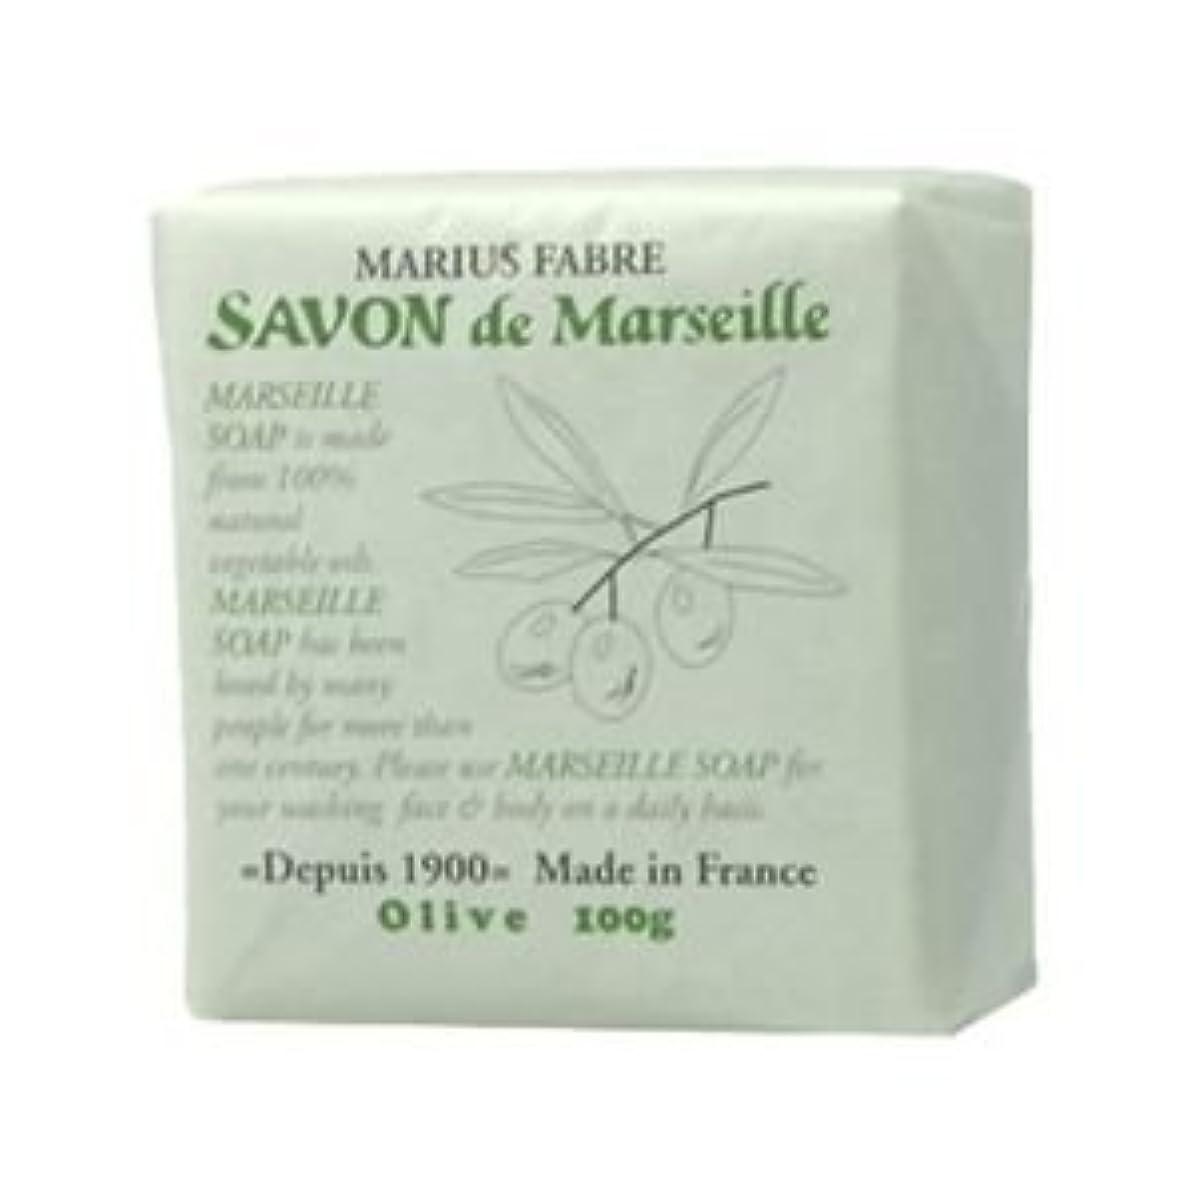 普通に真剣に特権サボン ド マルセイユ オリーブ 100g 【4セット】